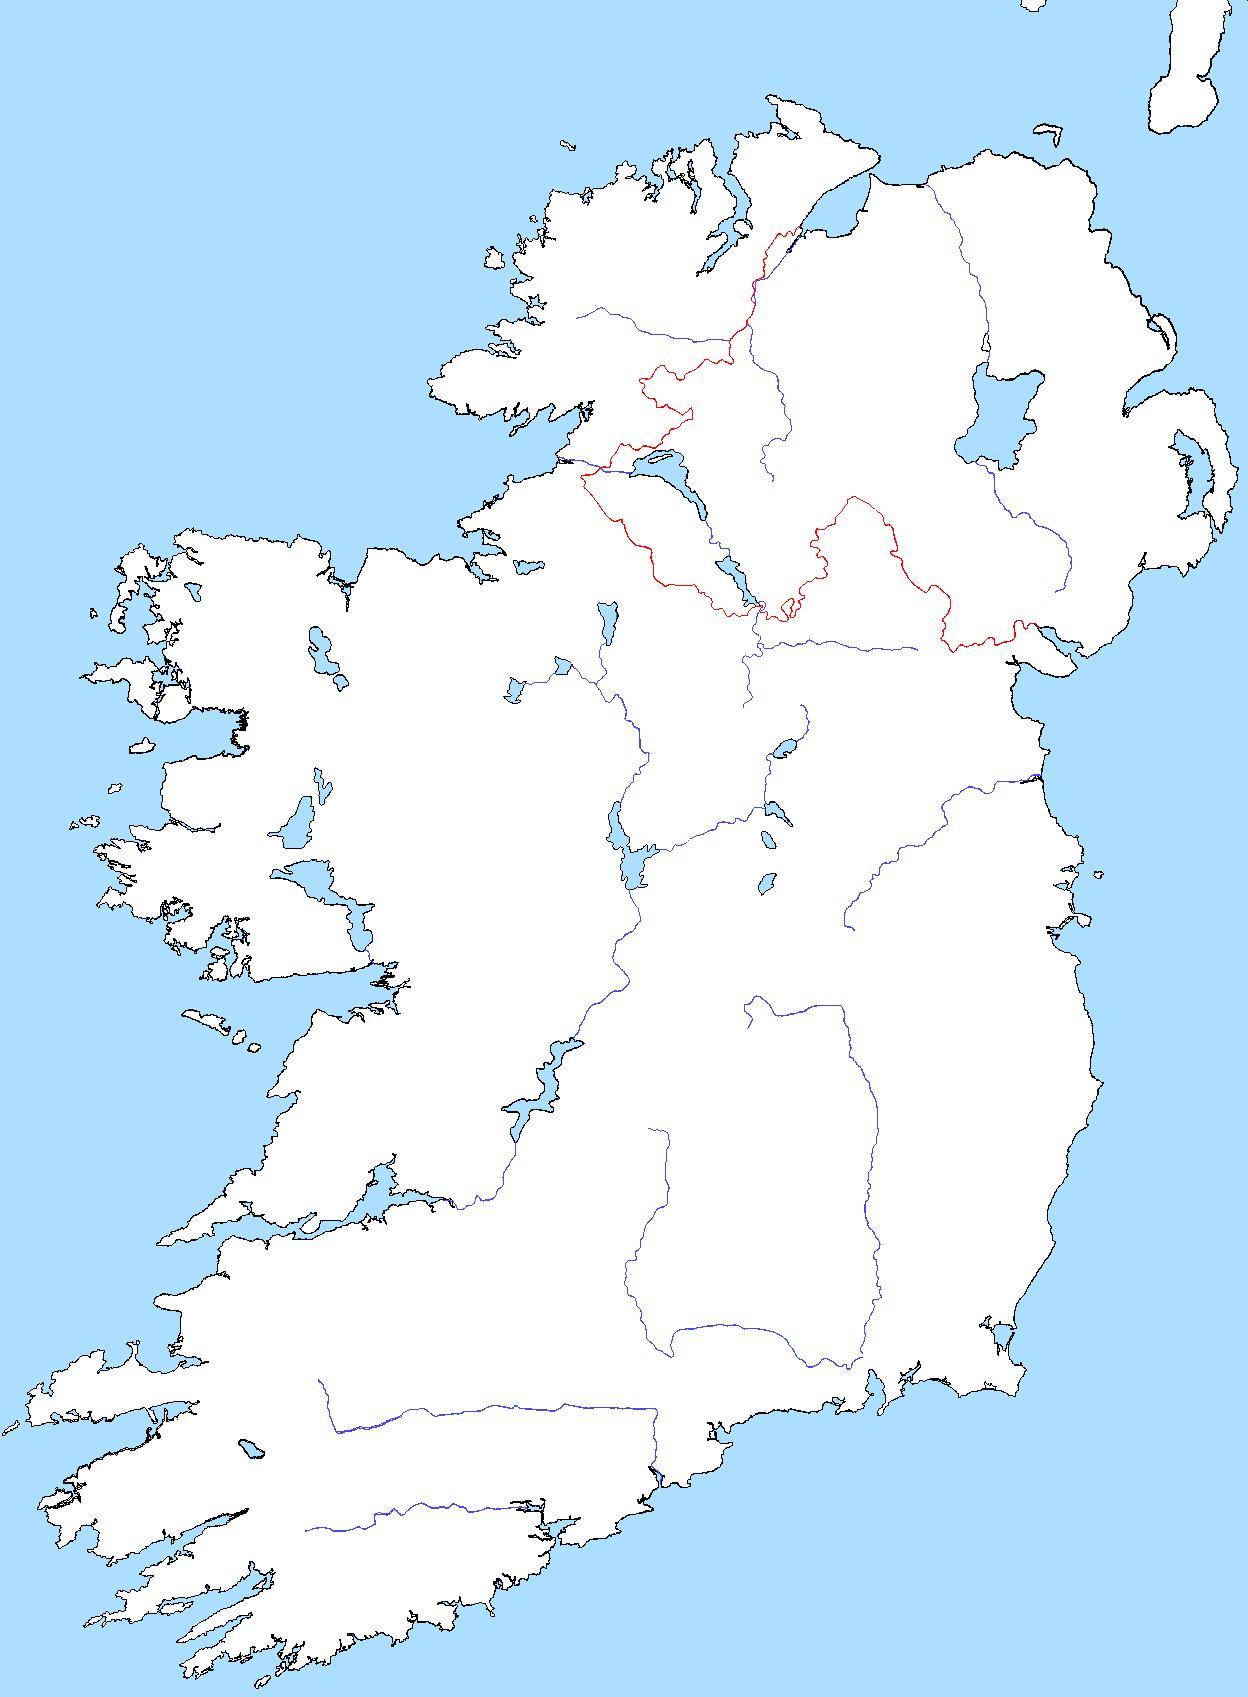 Slepa Mapa Irska S Reky Mapa Slepa Mapa Irska S Reky Severni